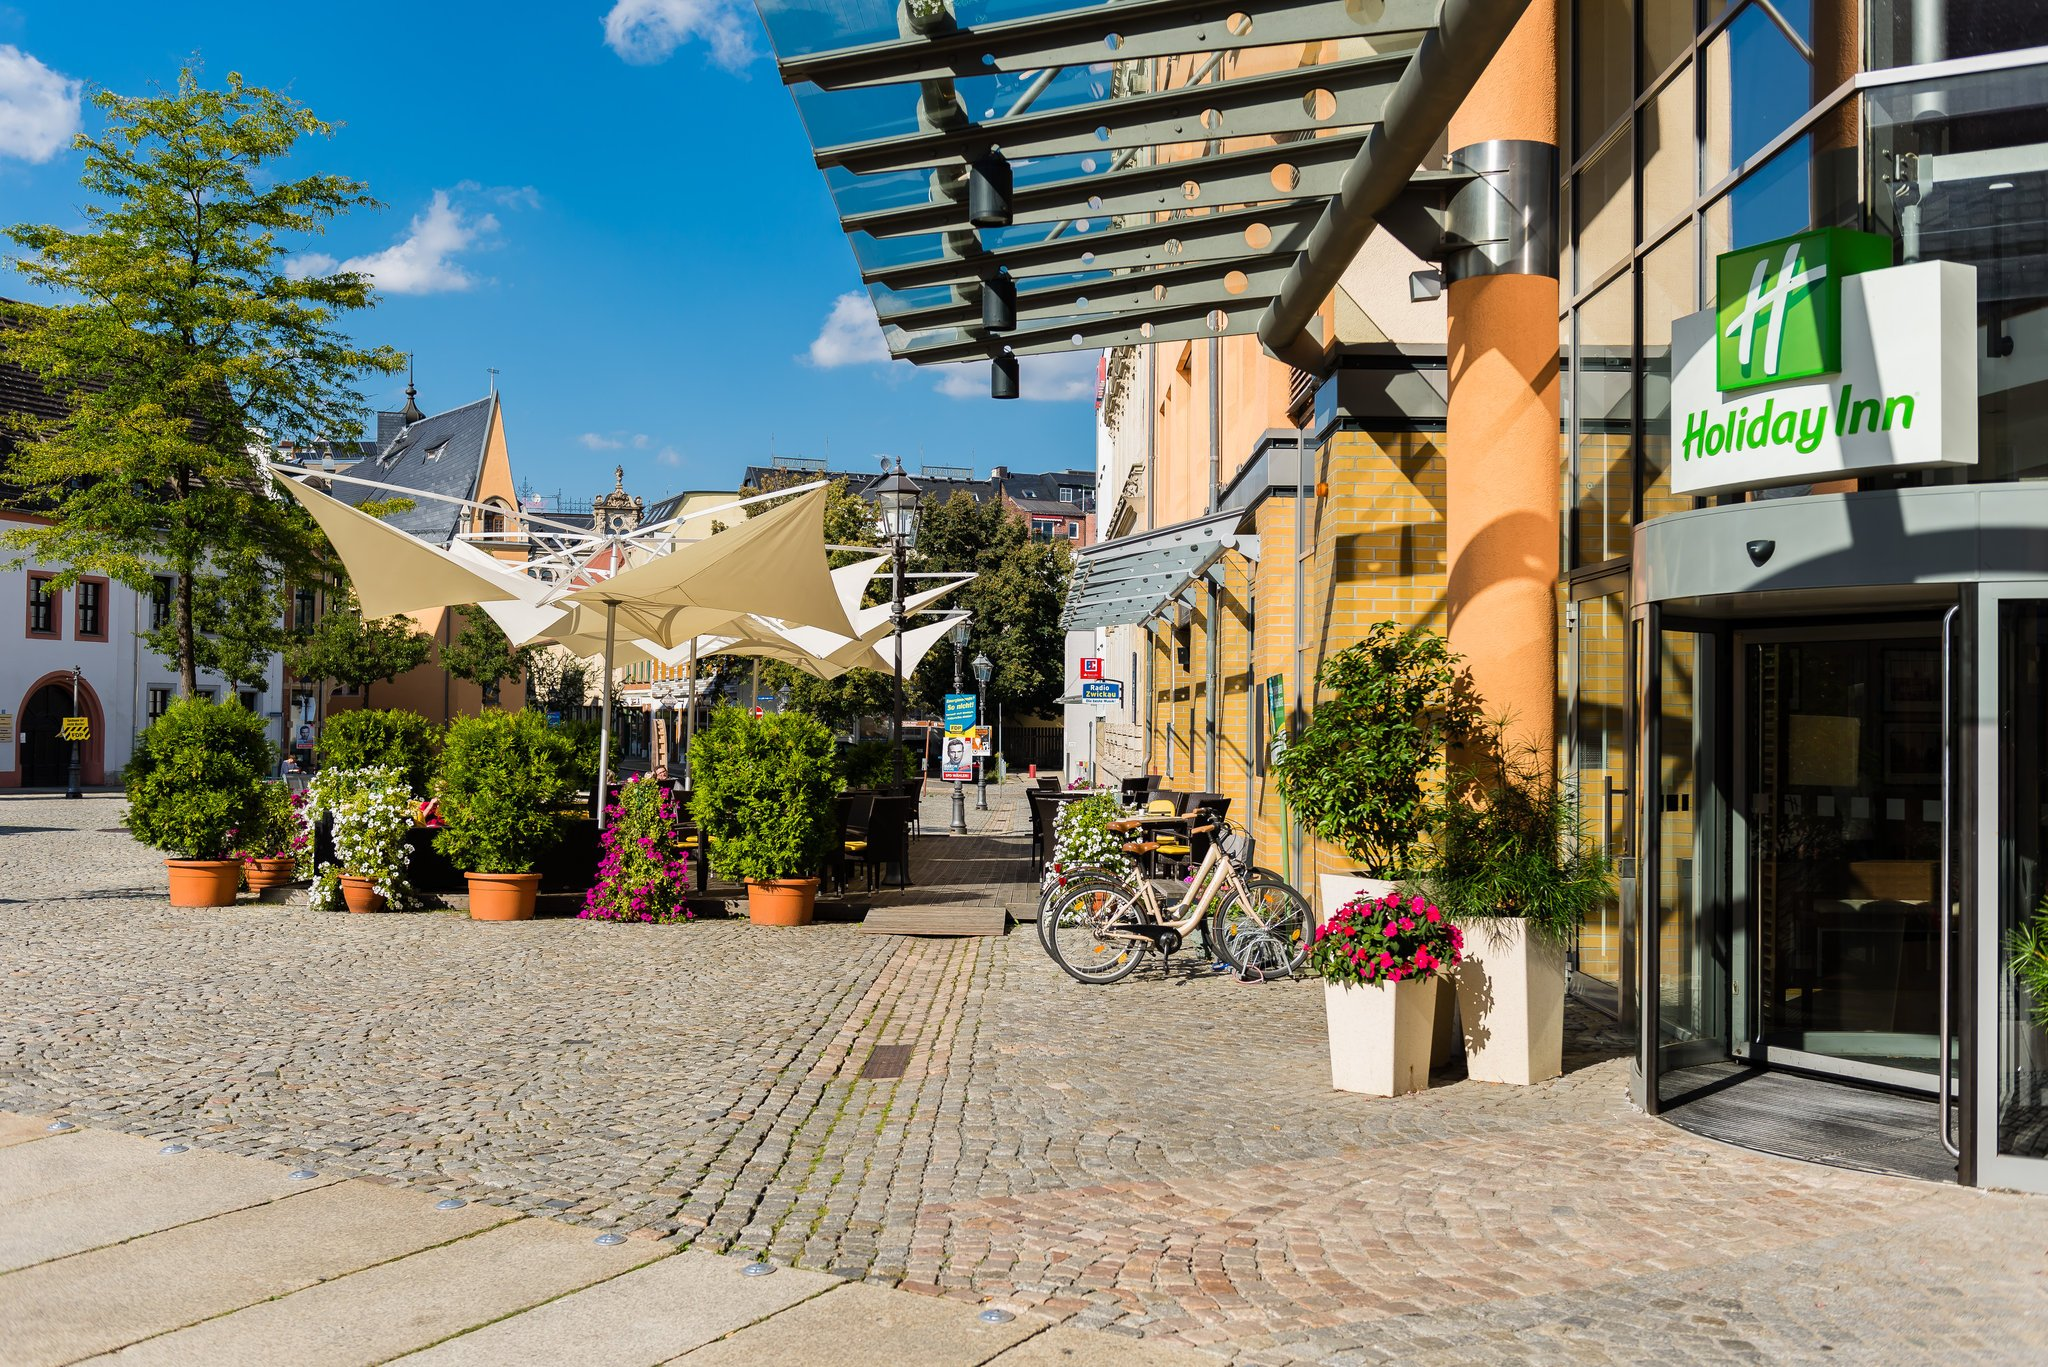 Holiday Inn Zwickau